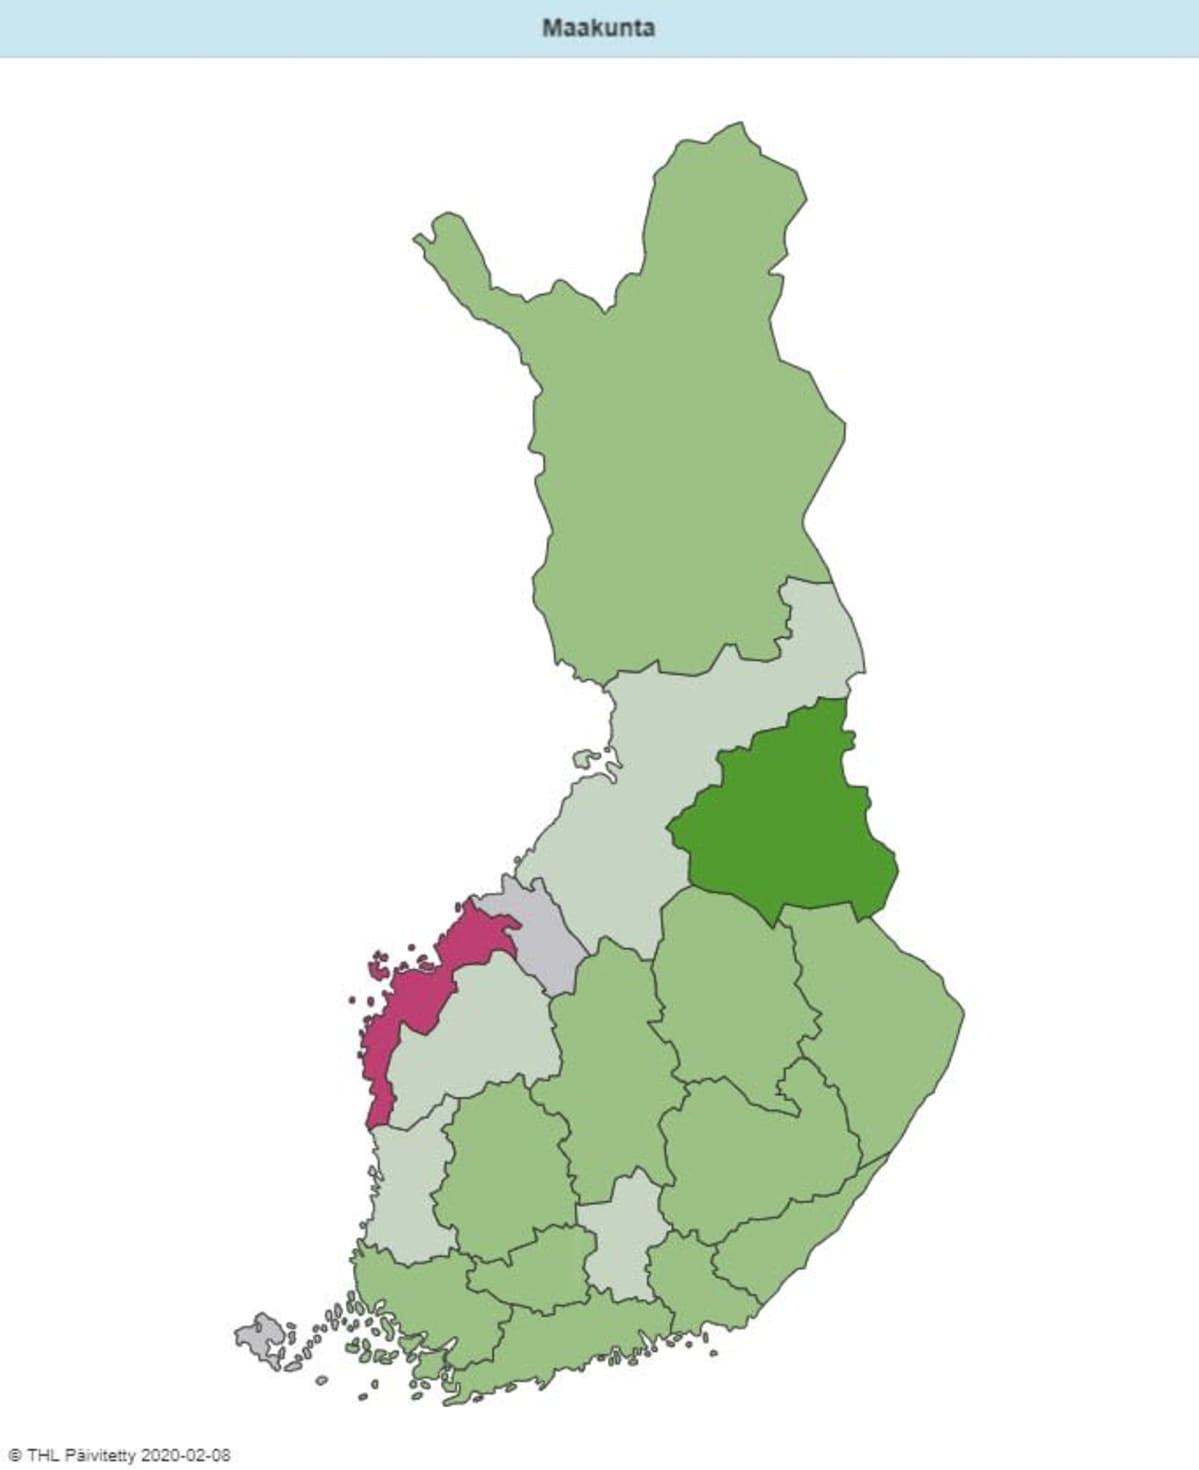 Lasten Rokotuskattavuus Erittain Hyva Yle Uutiset Yle Fi